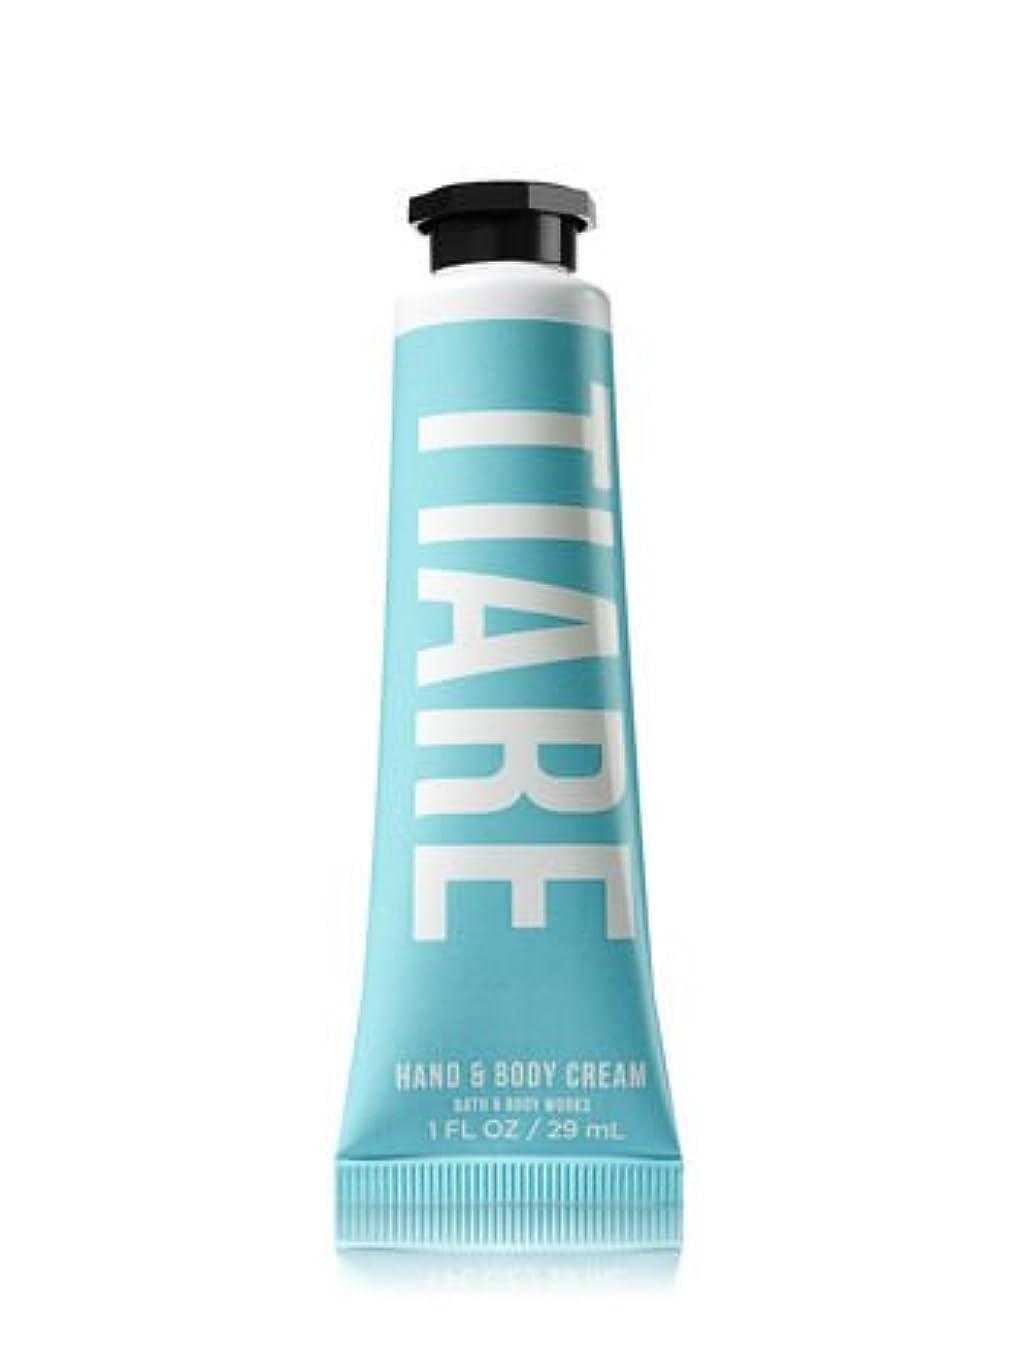 スピーカークライストチャーチ決して【Bath&Body Works/バス&ボディワークス】 シアバター ハンド&ボディクリーム ティアレ Shea Butter Hand & Body Cream Tiare 1 fl oz / 29 mL [並行輸入品]